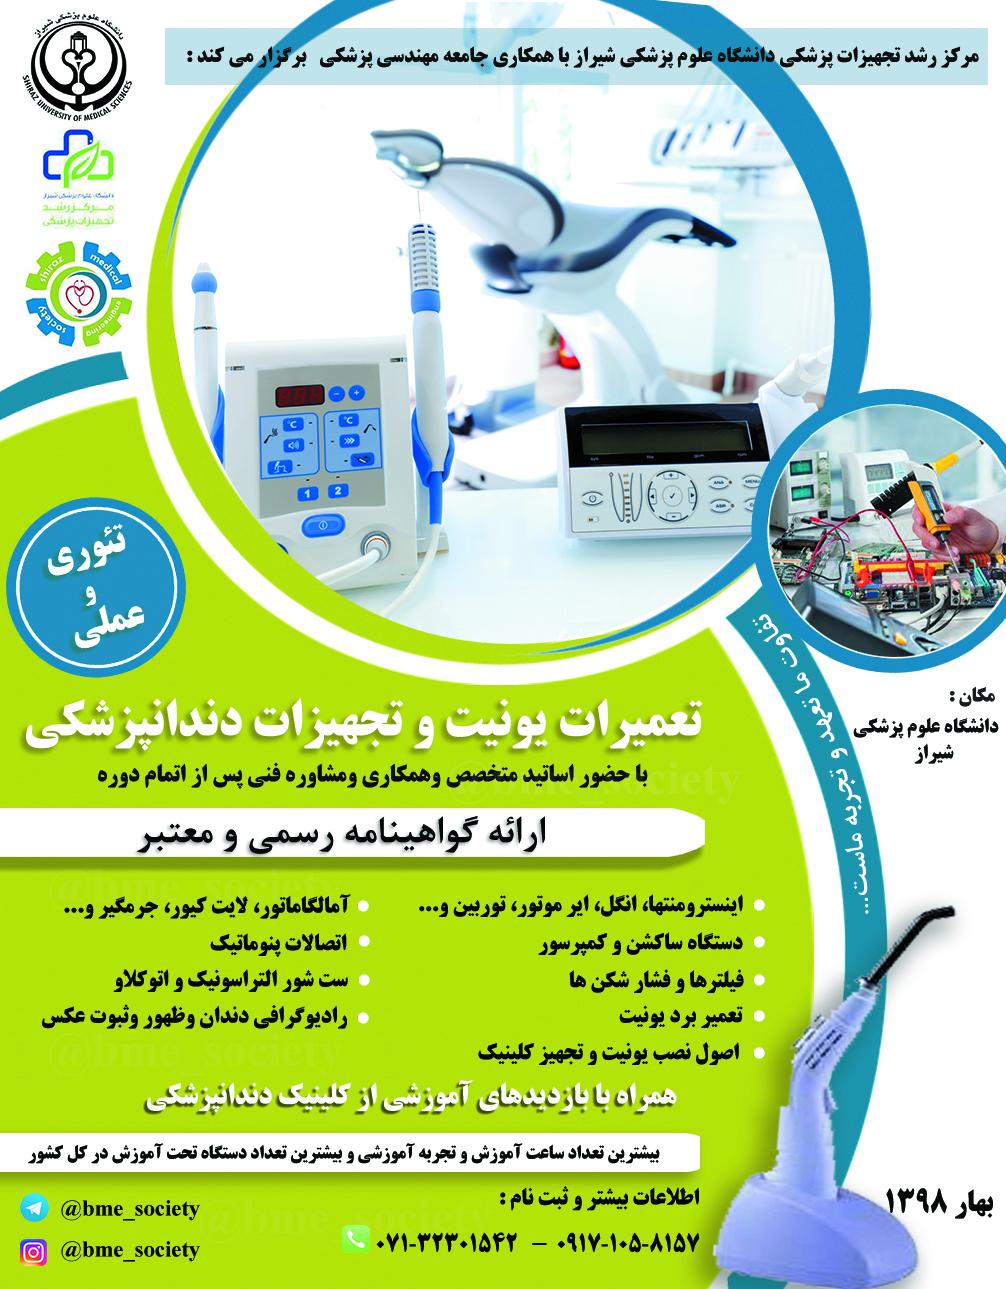 مهندسی پزشکی شیراز